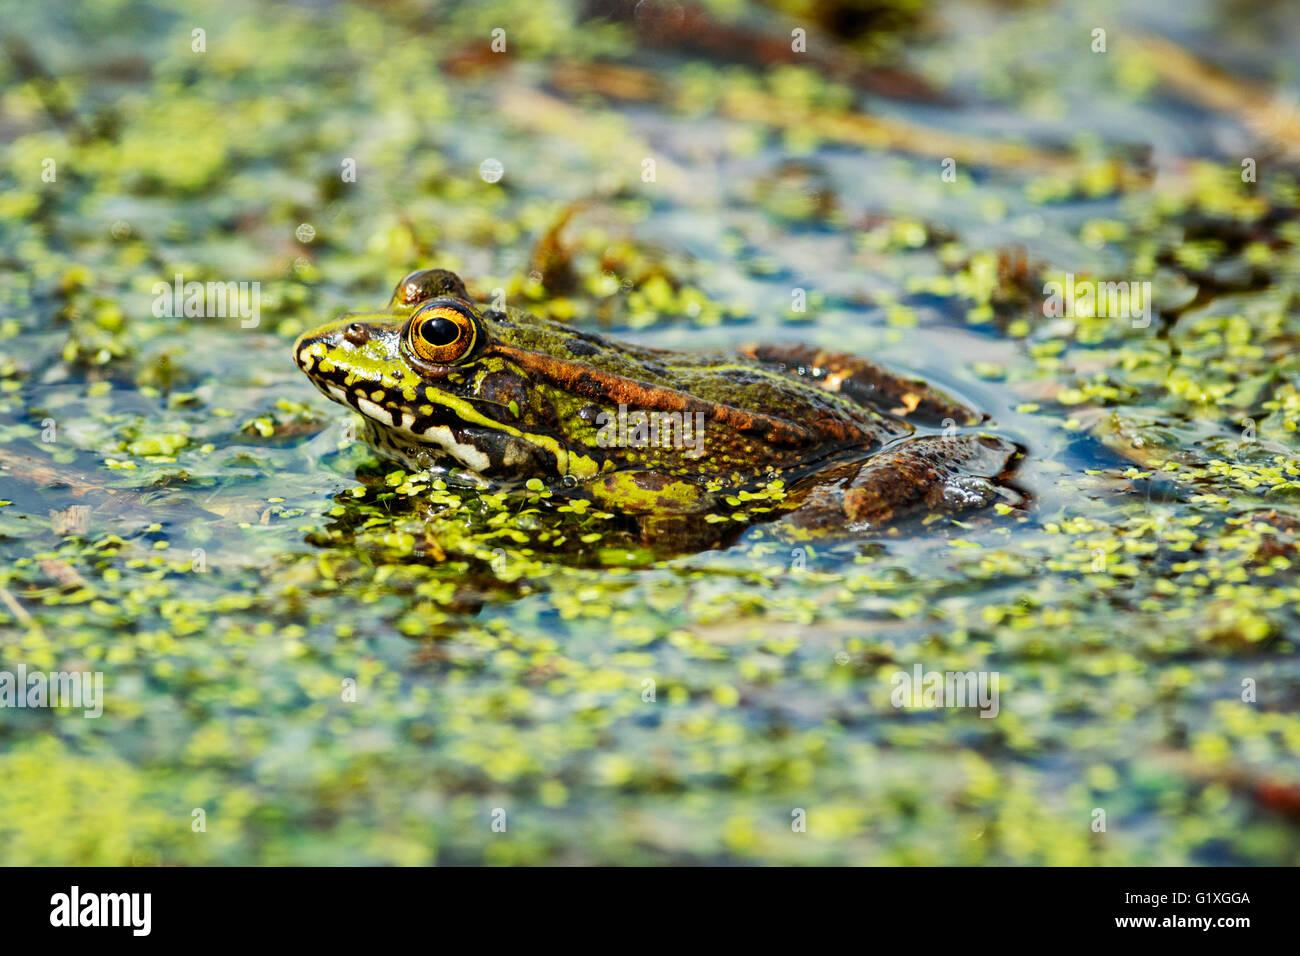 Une grenouille des marais qui se fond dans son environnement Photo Stock